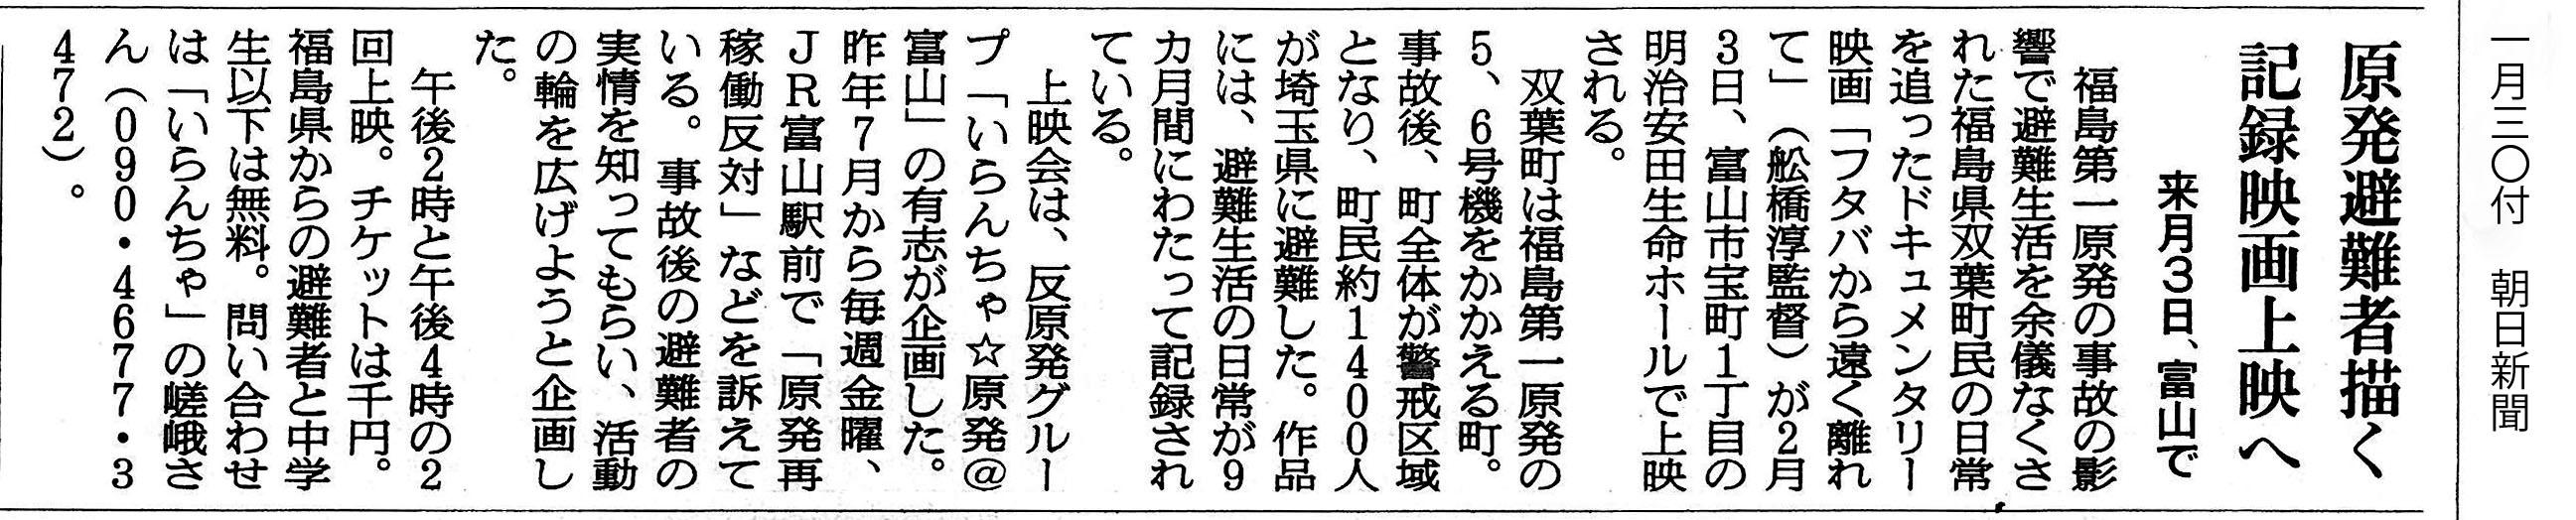 20130130朝日映画記事